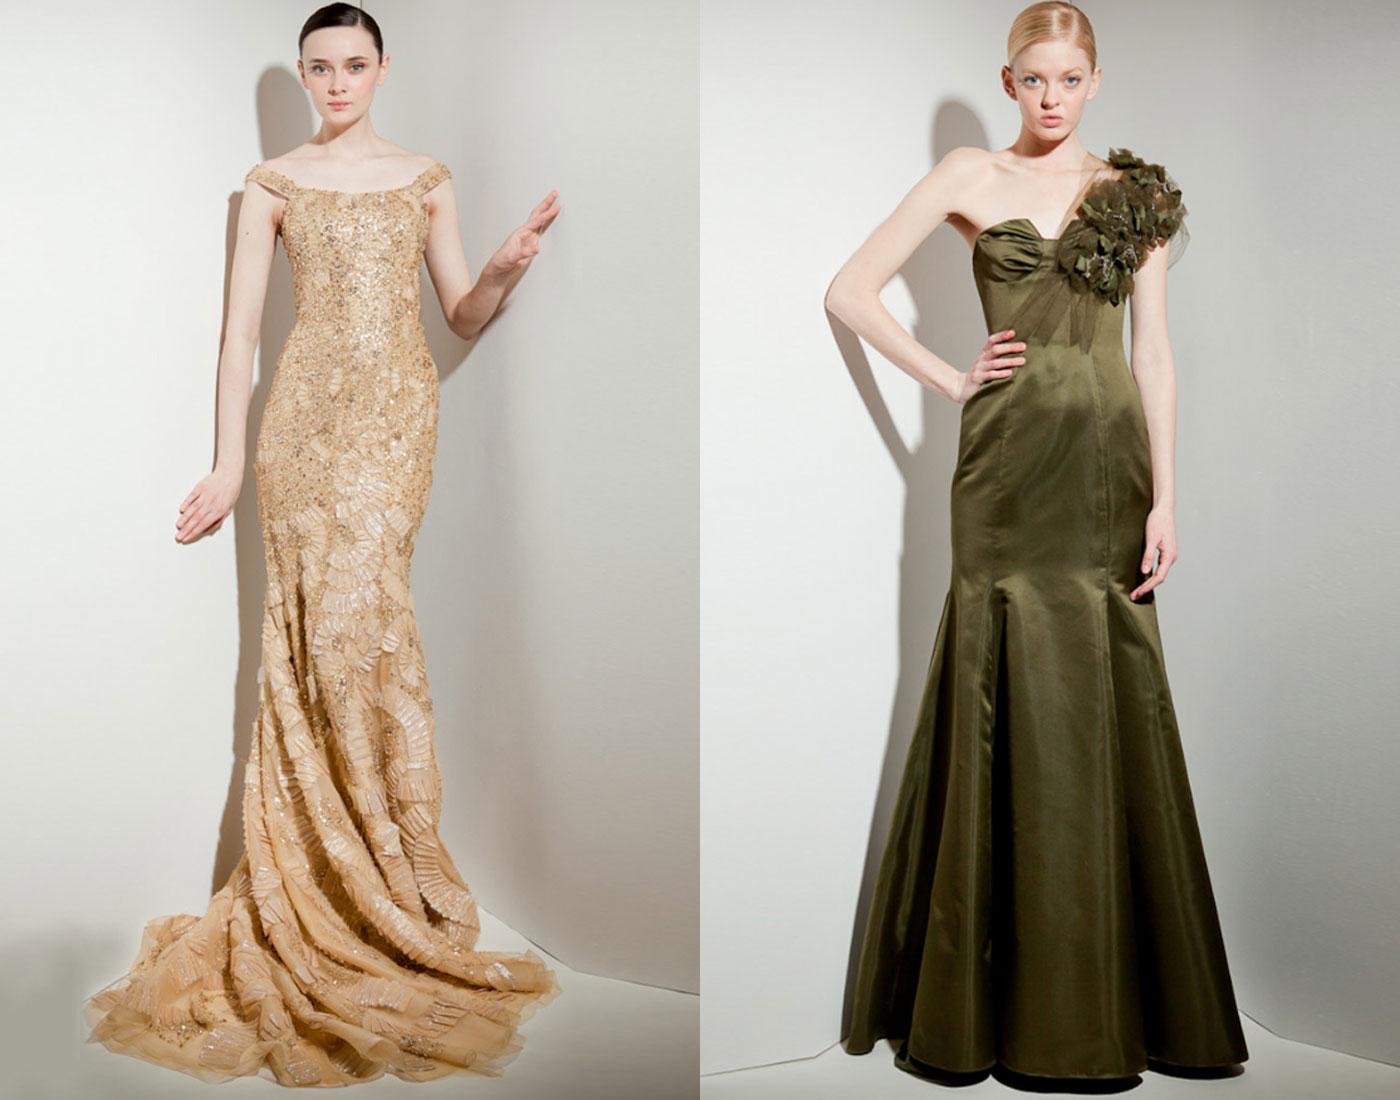 Brautkleider Mode Online: Vera Wang Abendkleider Mode